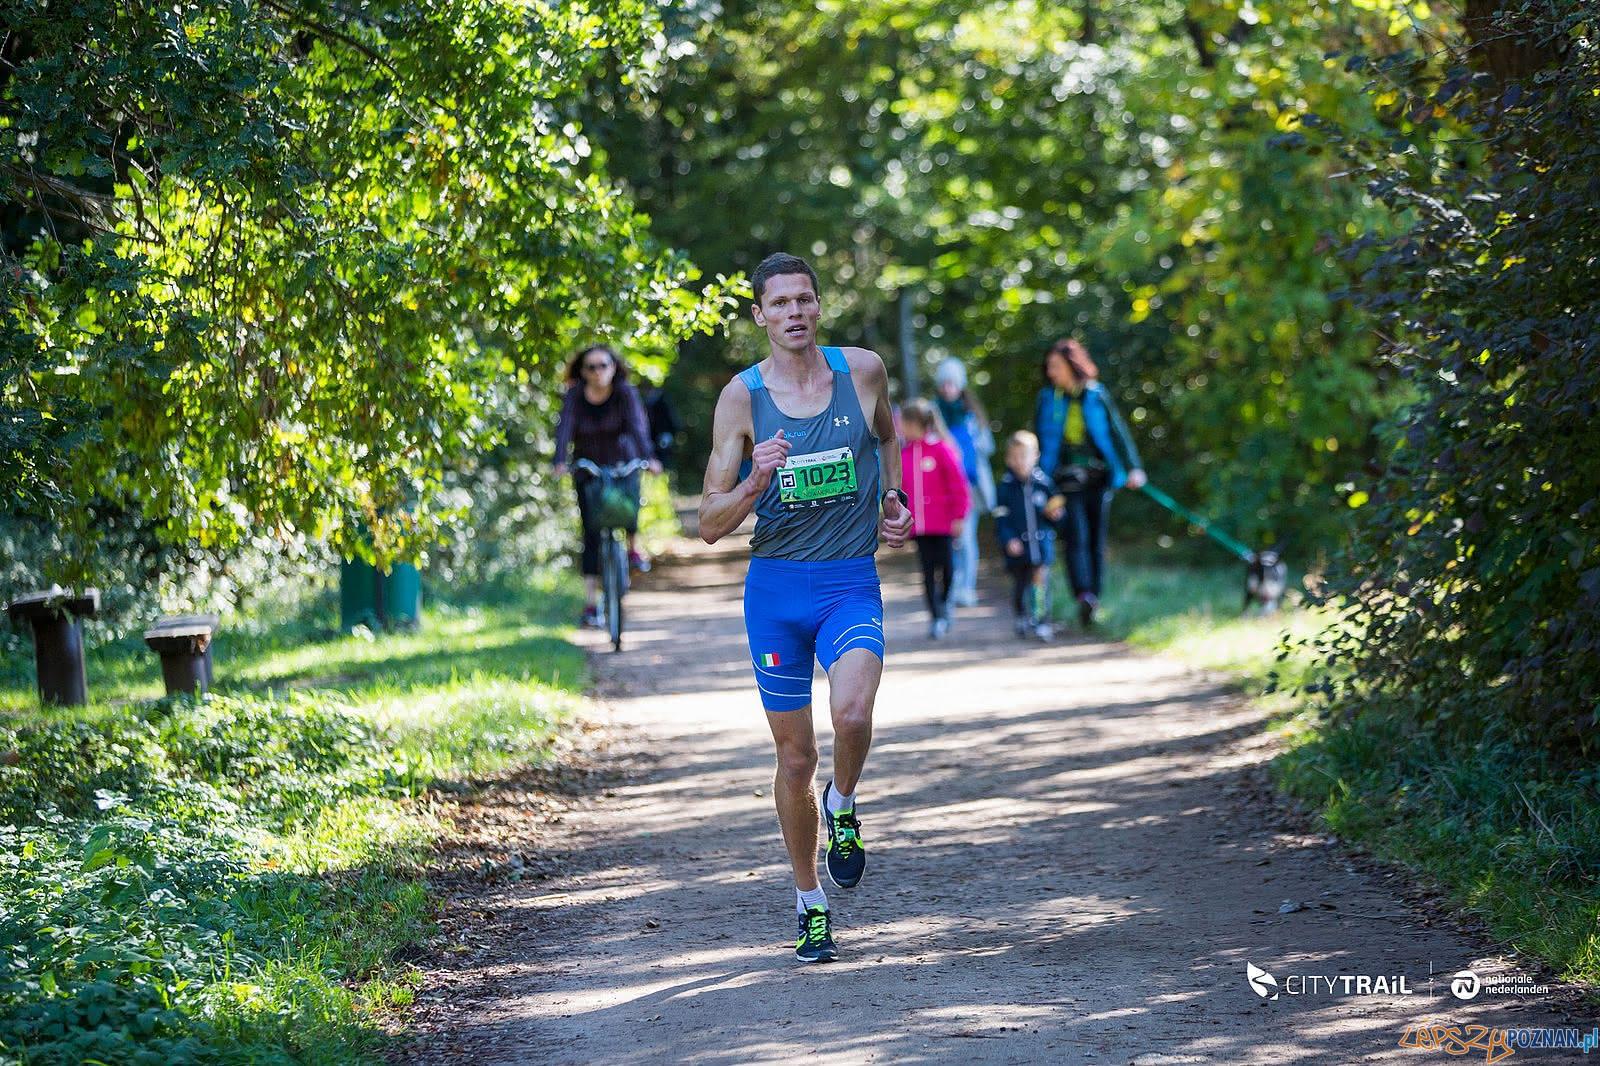 CITY TRAIL - bieganie nad Rusałką  Foto: materiały prasowe